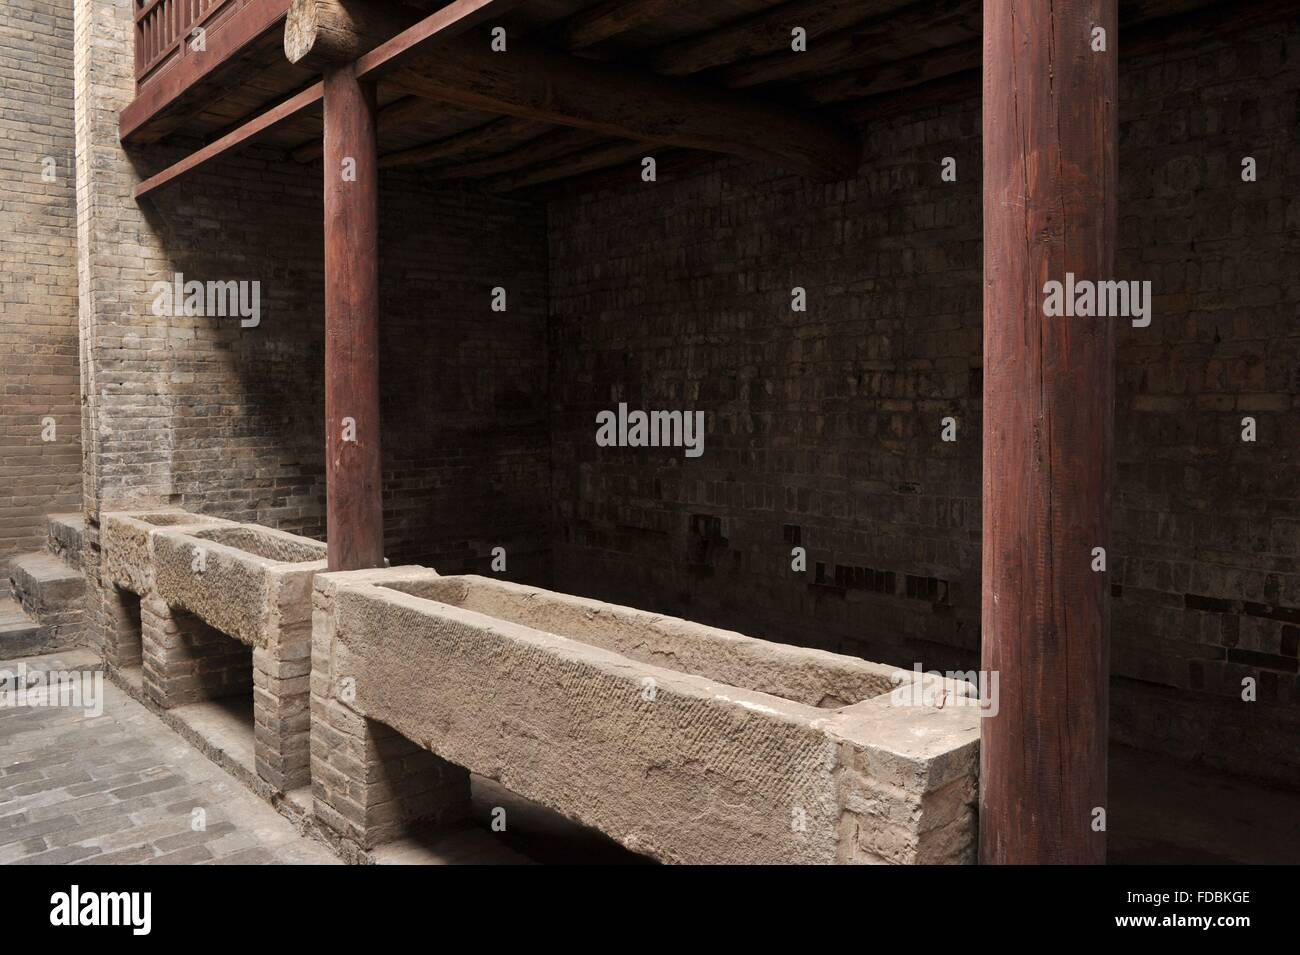 Shanxi Province Jincheng City Yangcheng County Shangzhuang Village Stock Photo